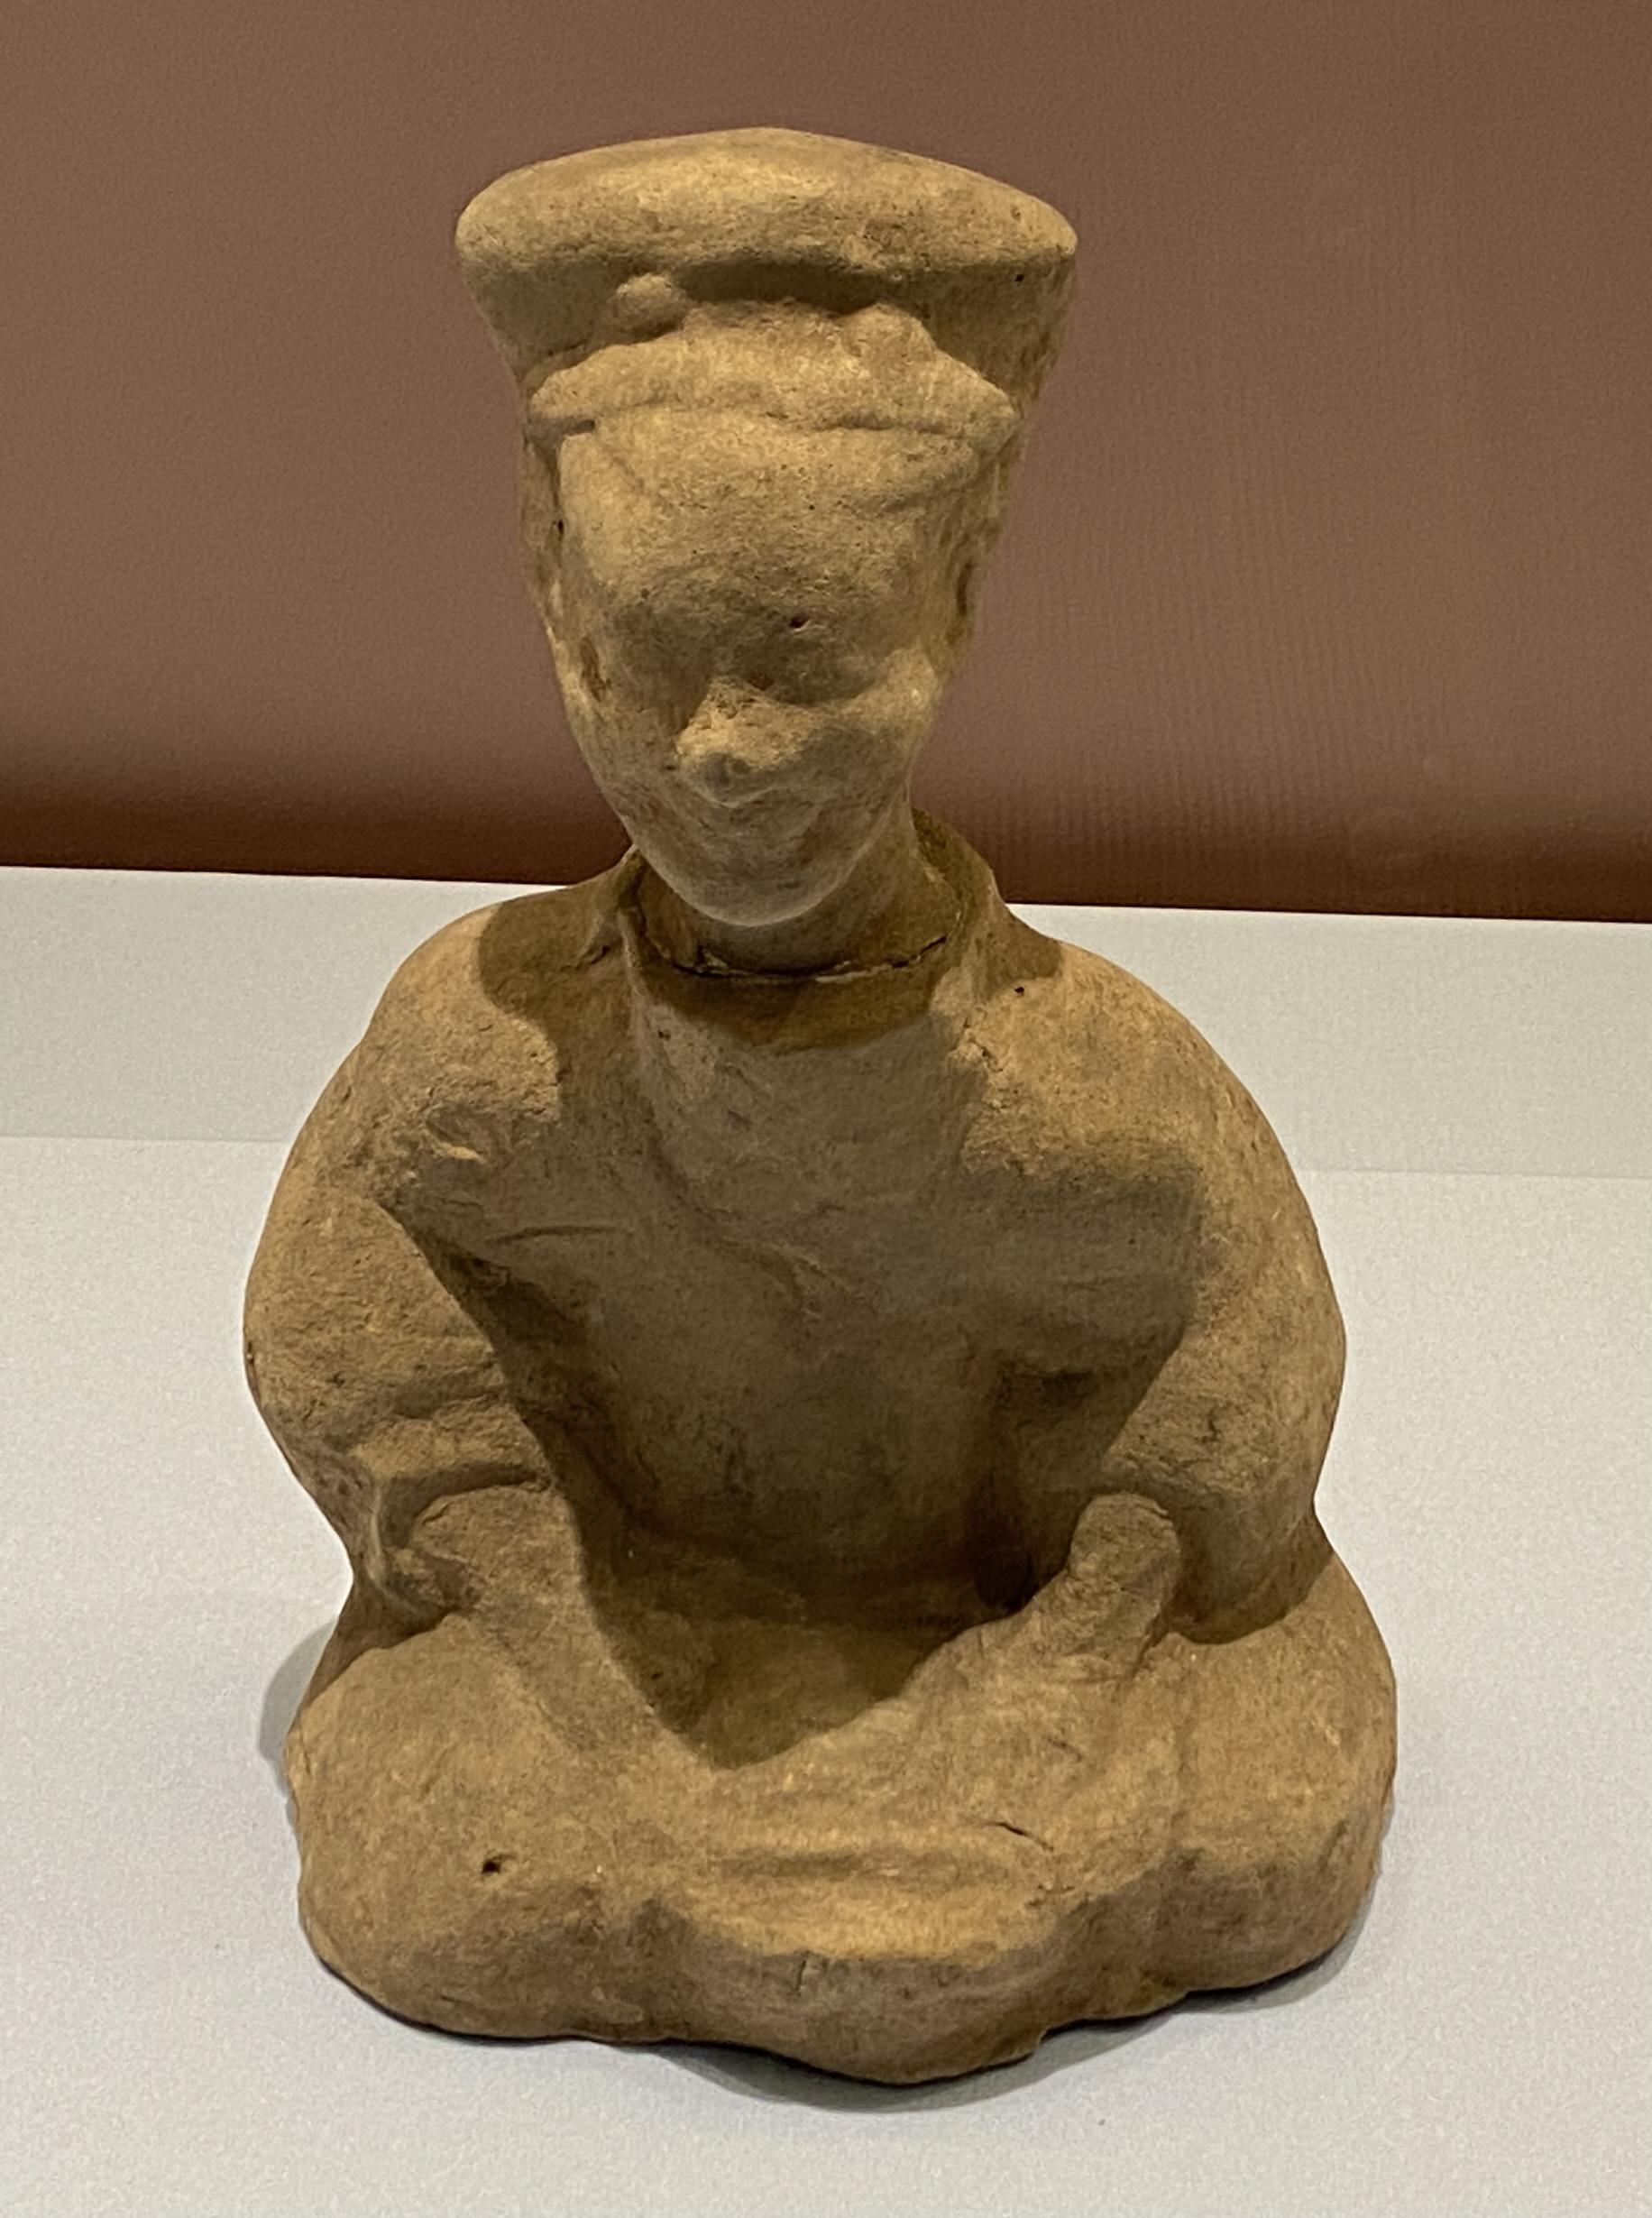 陶坐俑廚丁-東漢時代-特別展【食味人間】四川博物院・中国国家博物館